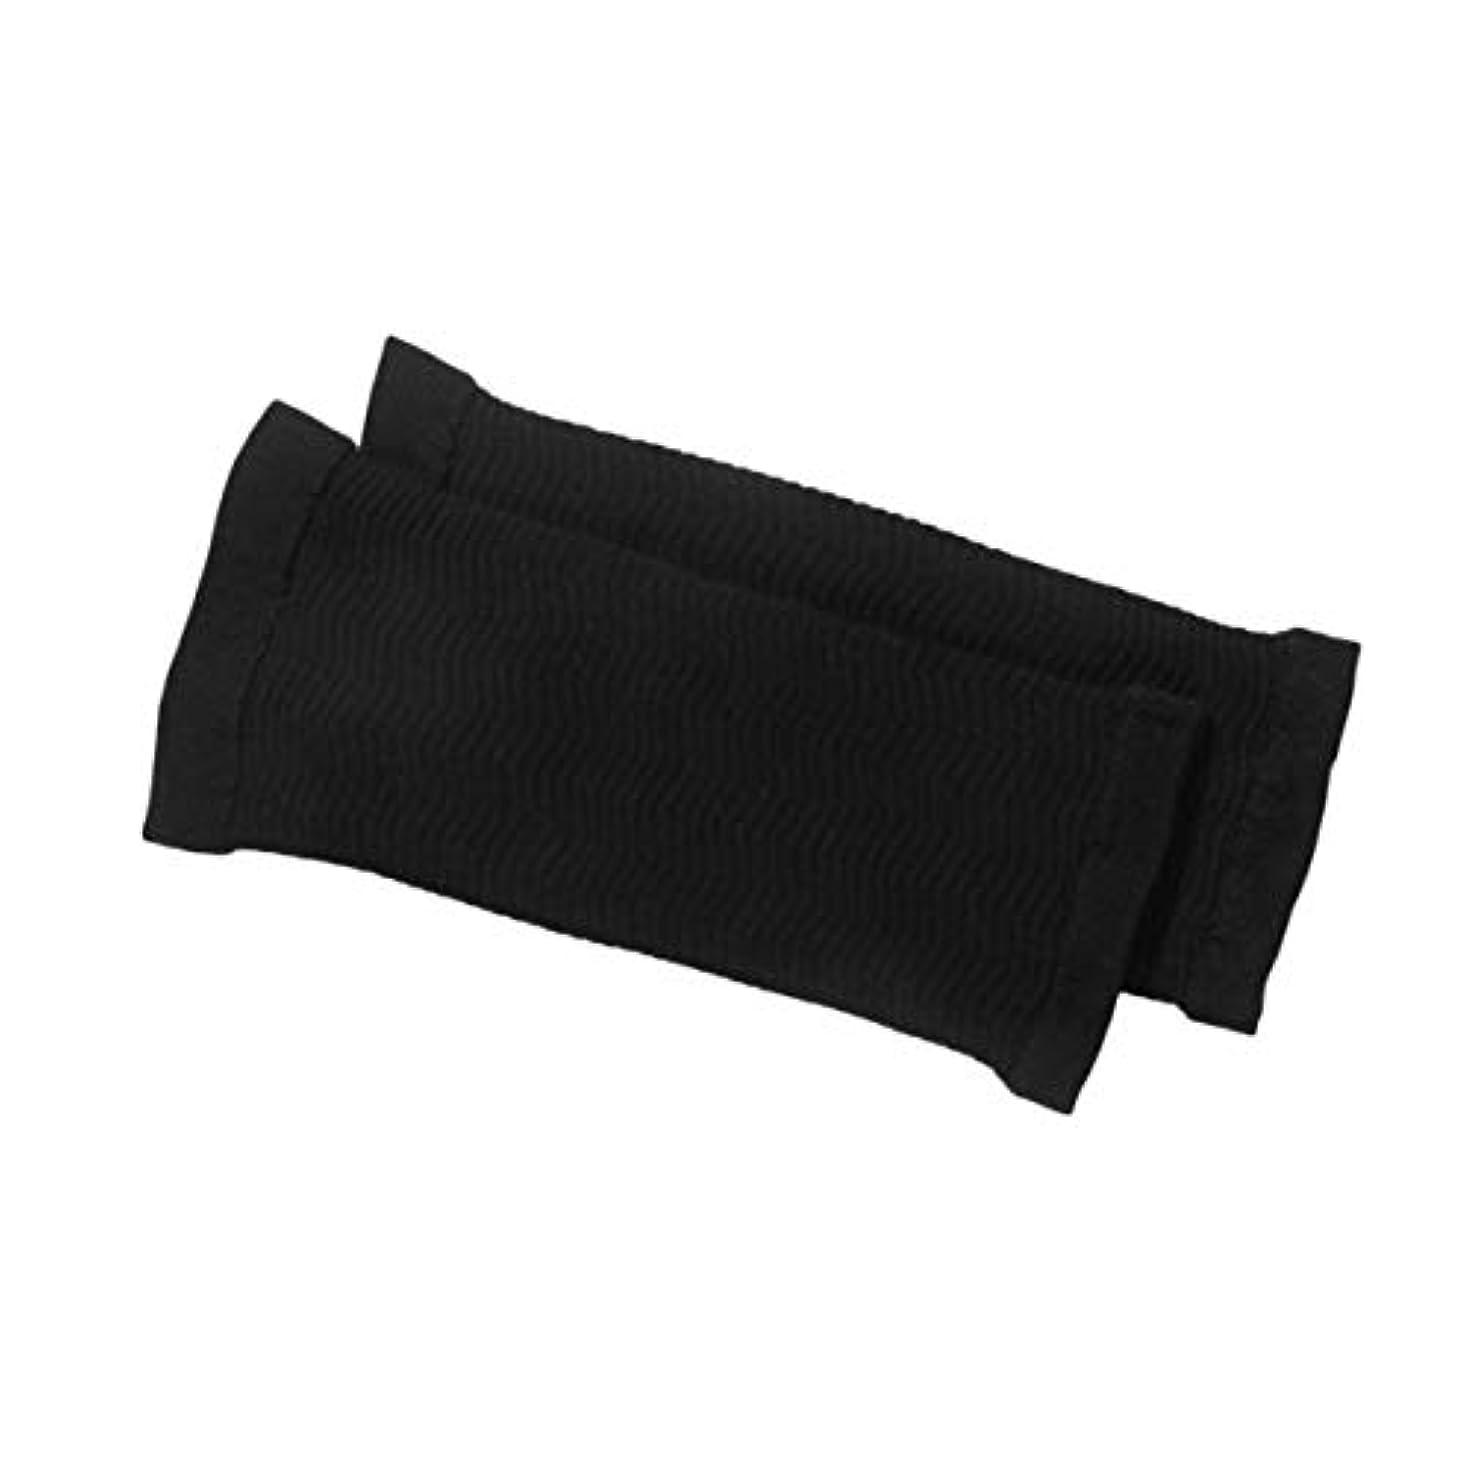 ペース多くの危険がある状況ワイヤー1ペア420 D圧縮痩身アームスリーブワークアウトトーニングバーンセルライトシェイパー脂肪燃焼袖用女性 - 黒